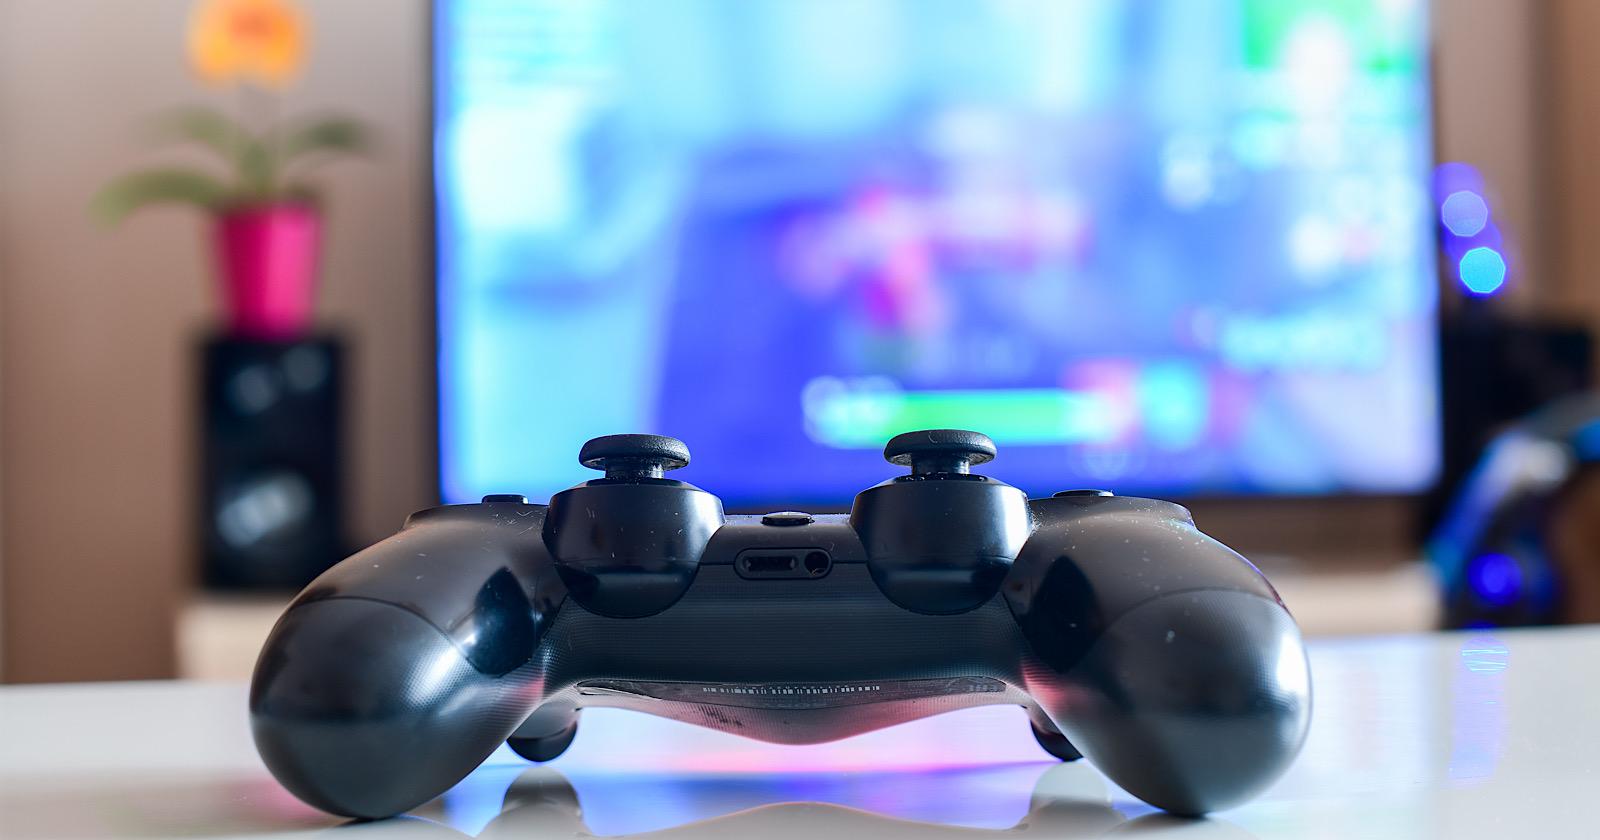 ゲームプログラマーを目指す人が知るべき6つの言語と扱うゲームの種類